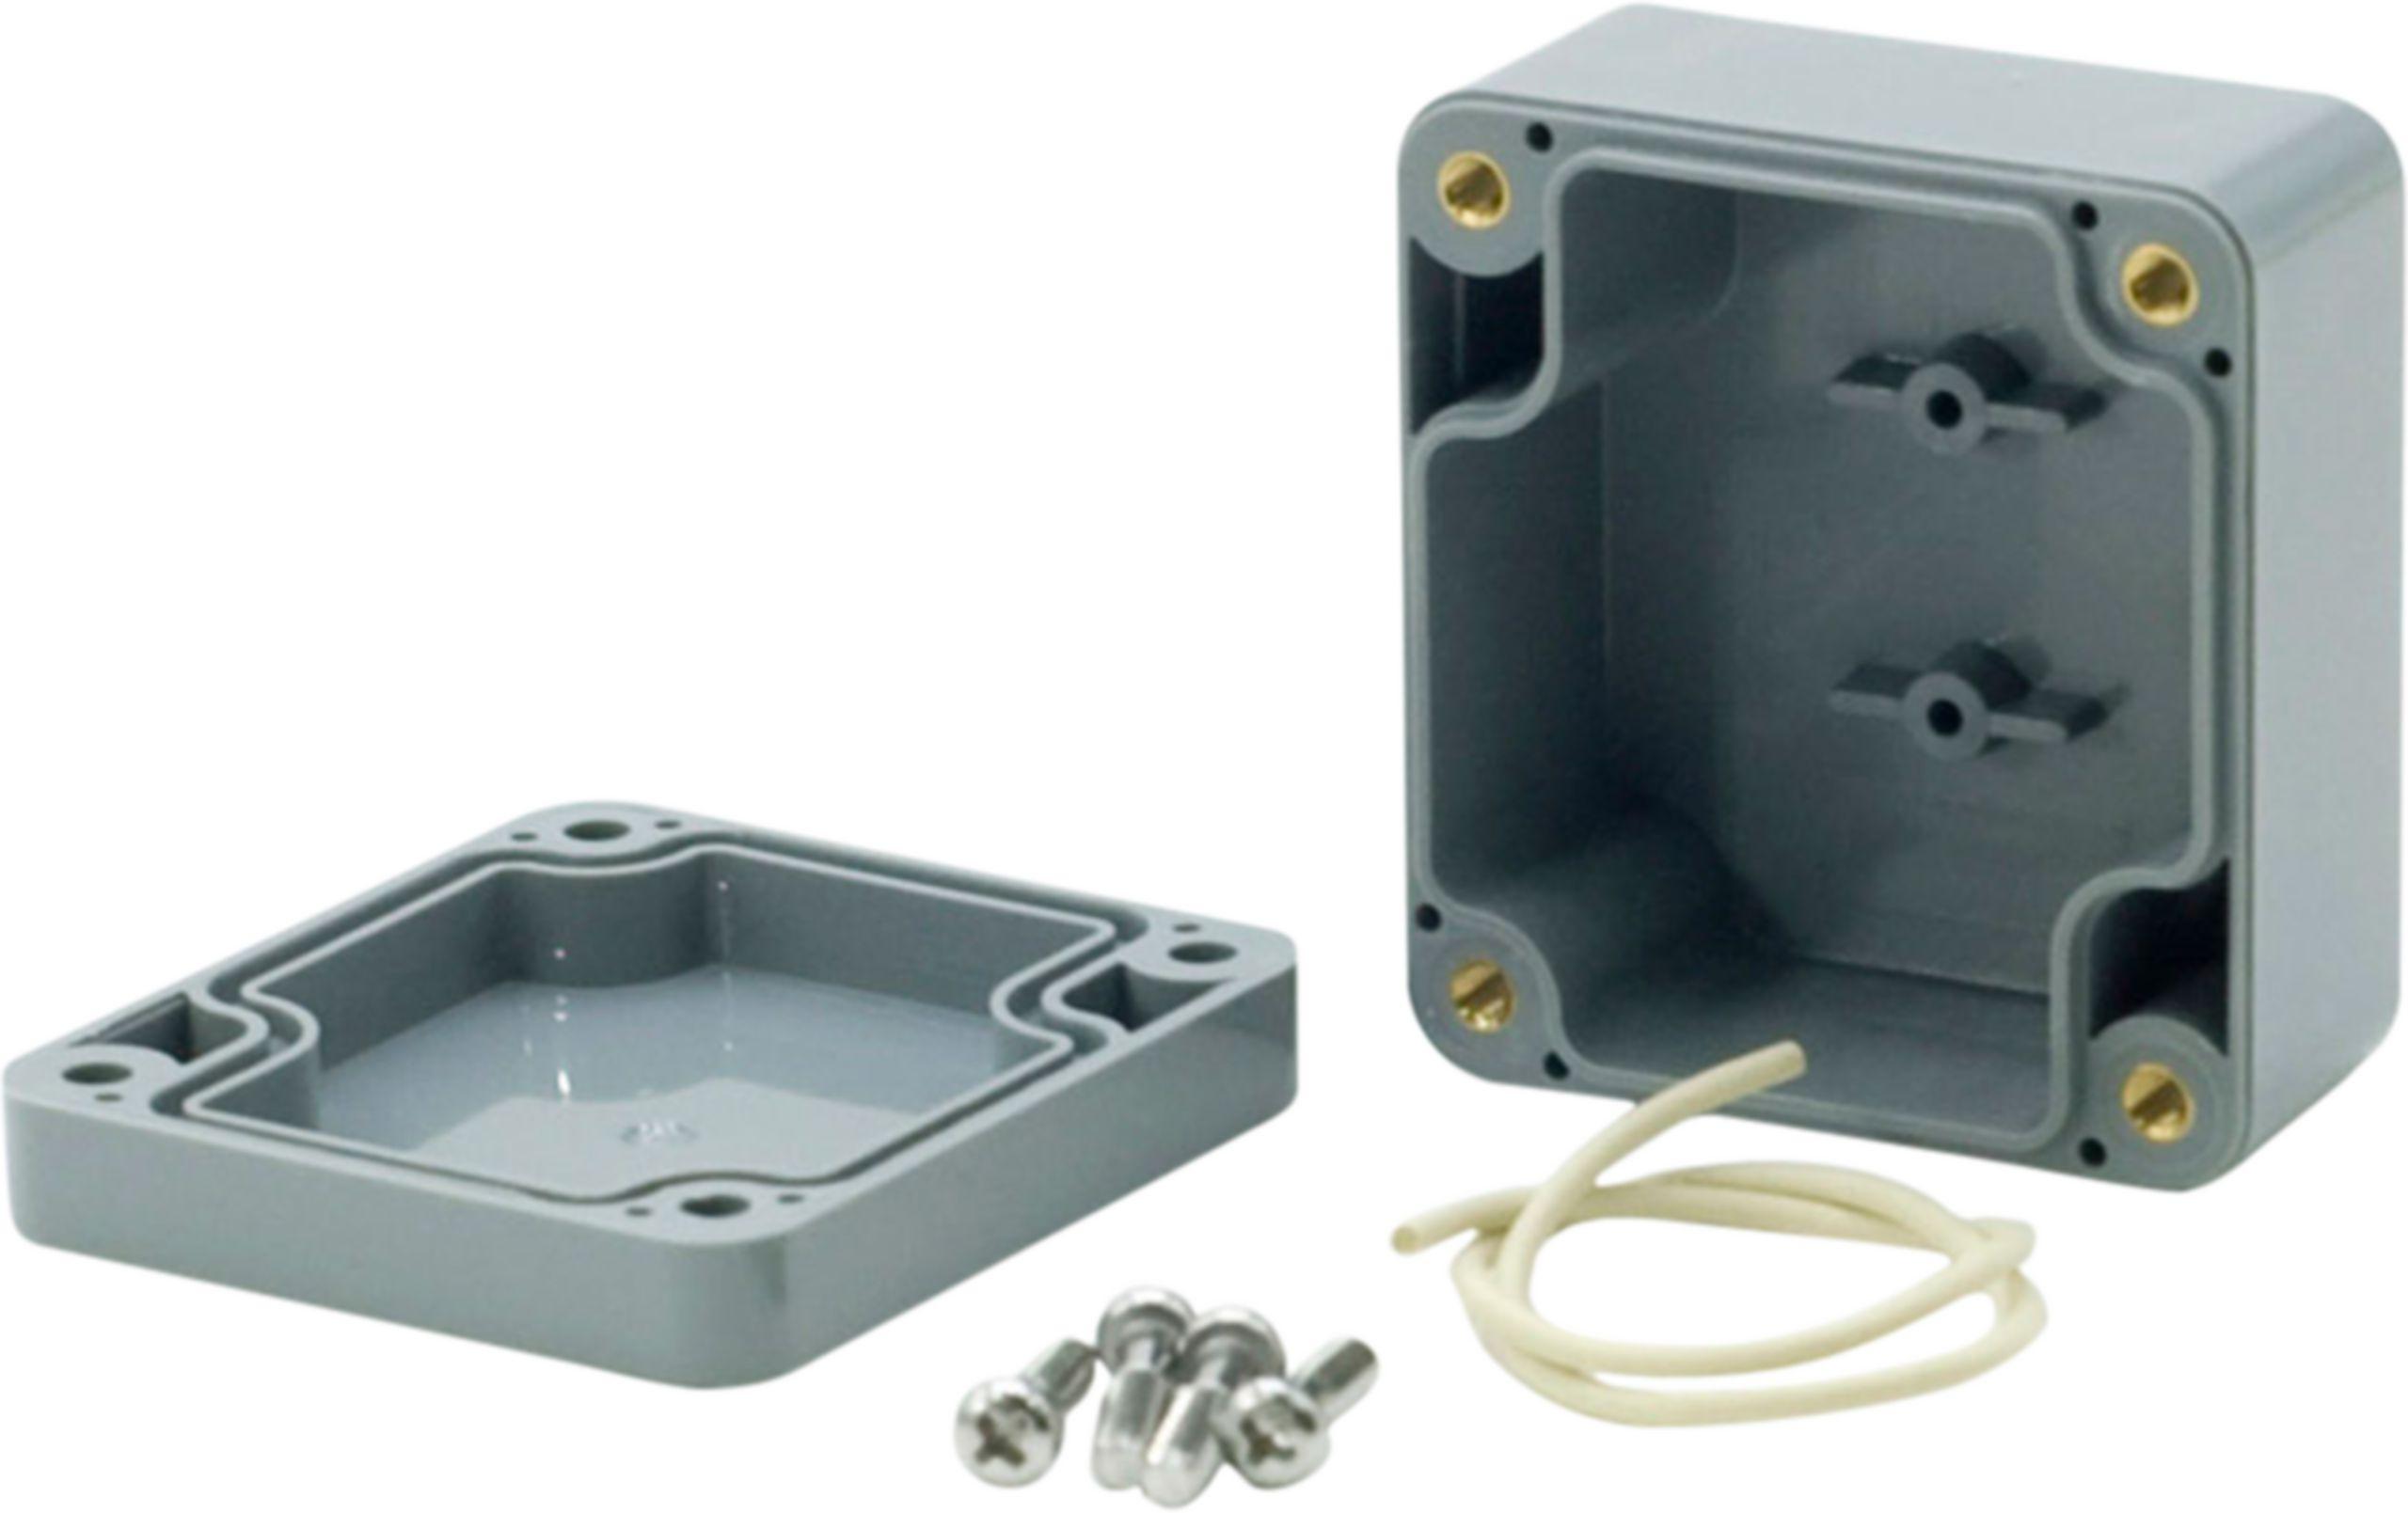 Krabička ABS plast, IP 65, tmavě šedá 184 x 36 x 35 mm